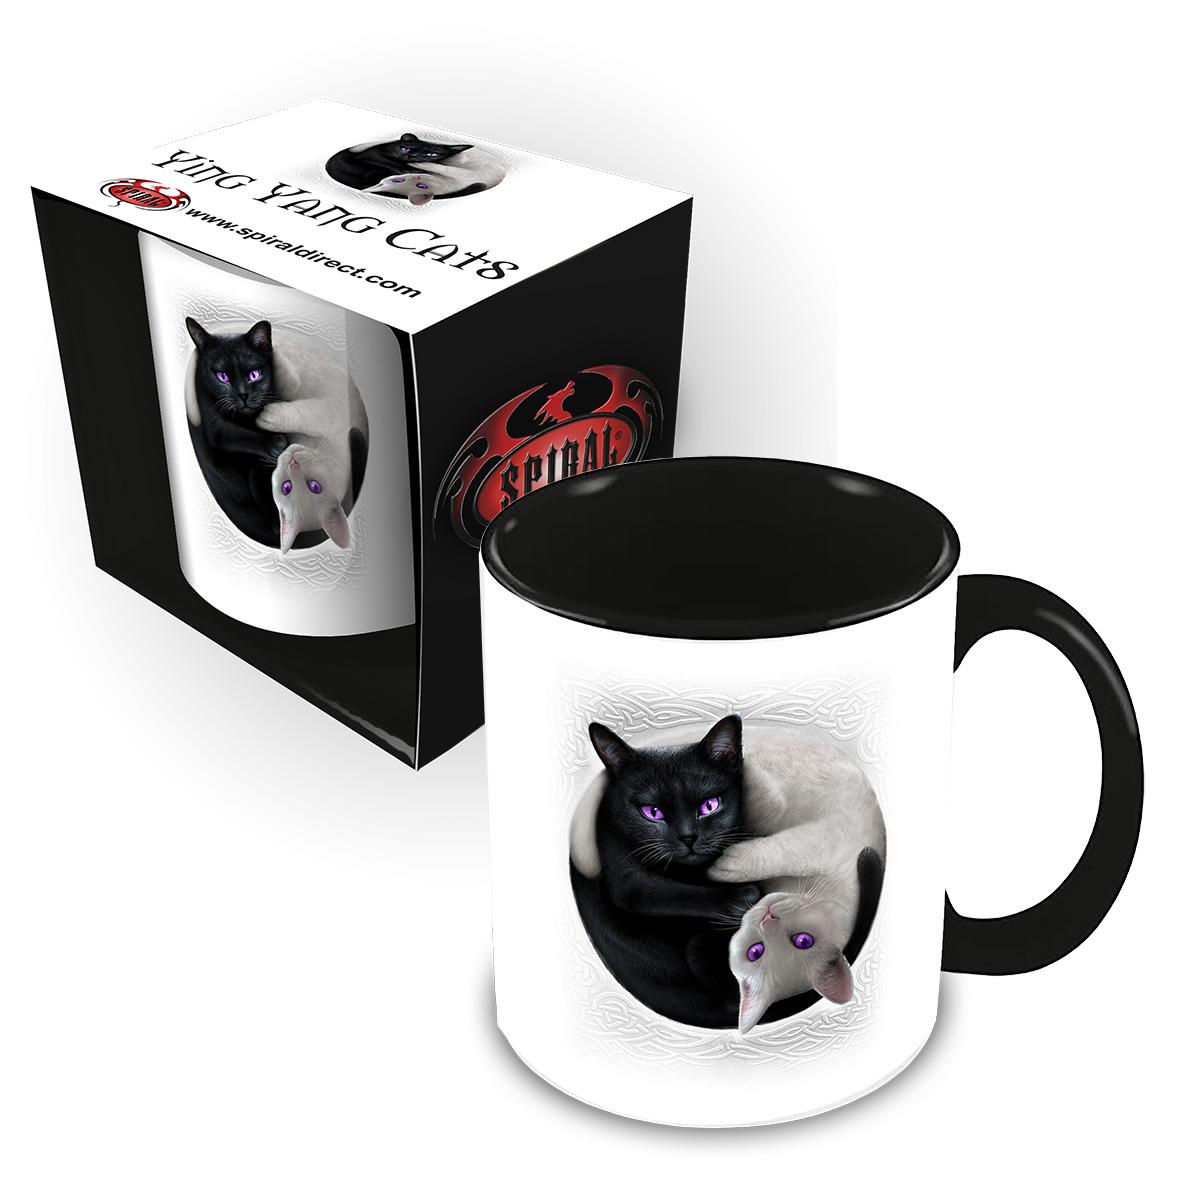 Yin Yang Cats Ceramic Mug 0.3L - Gift Boxed